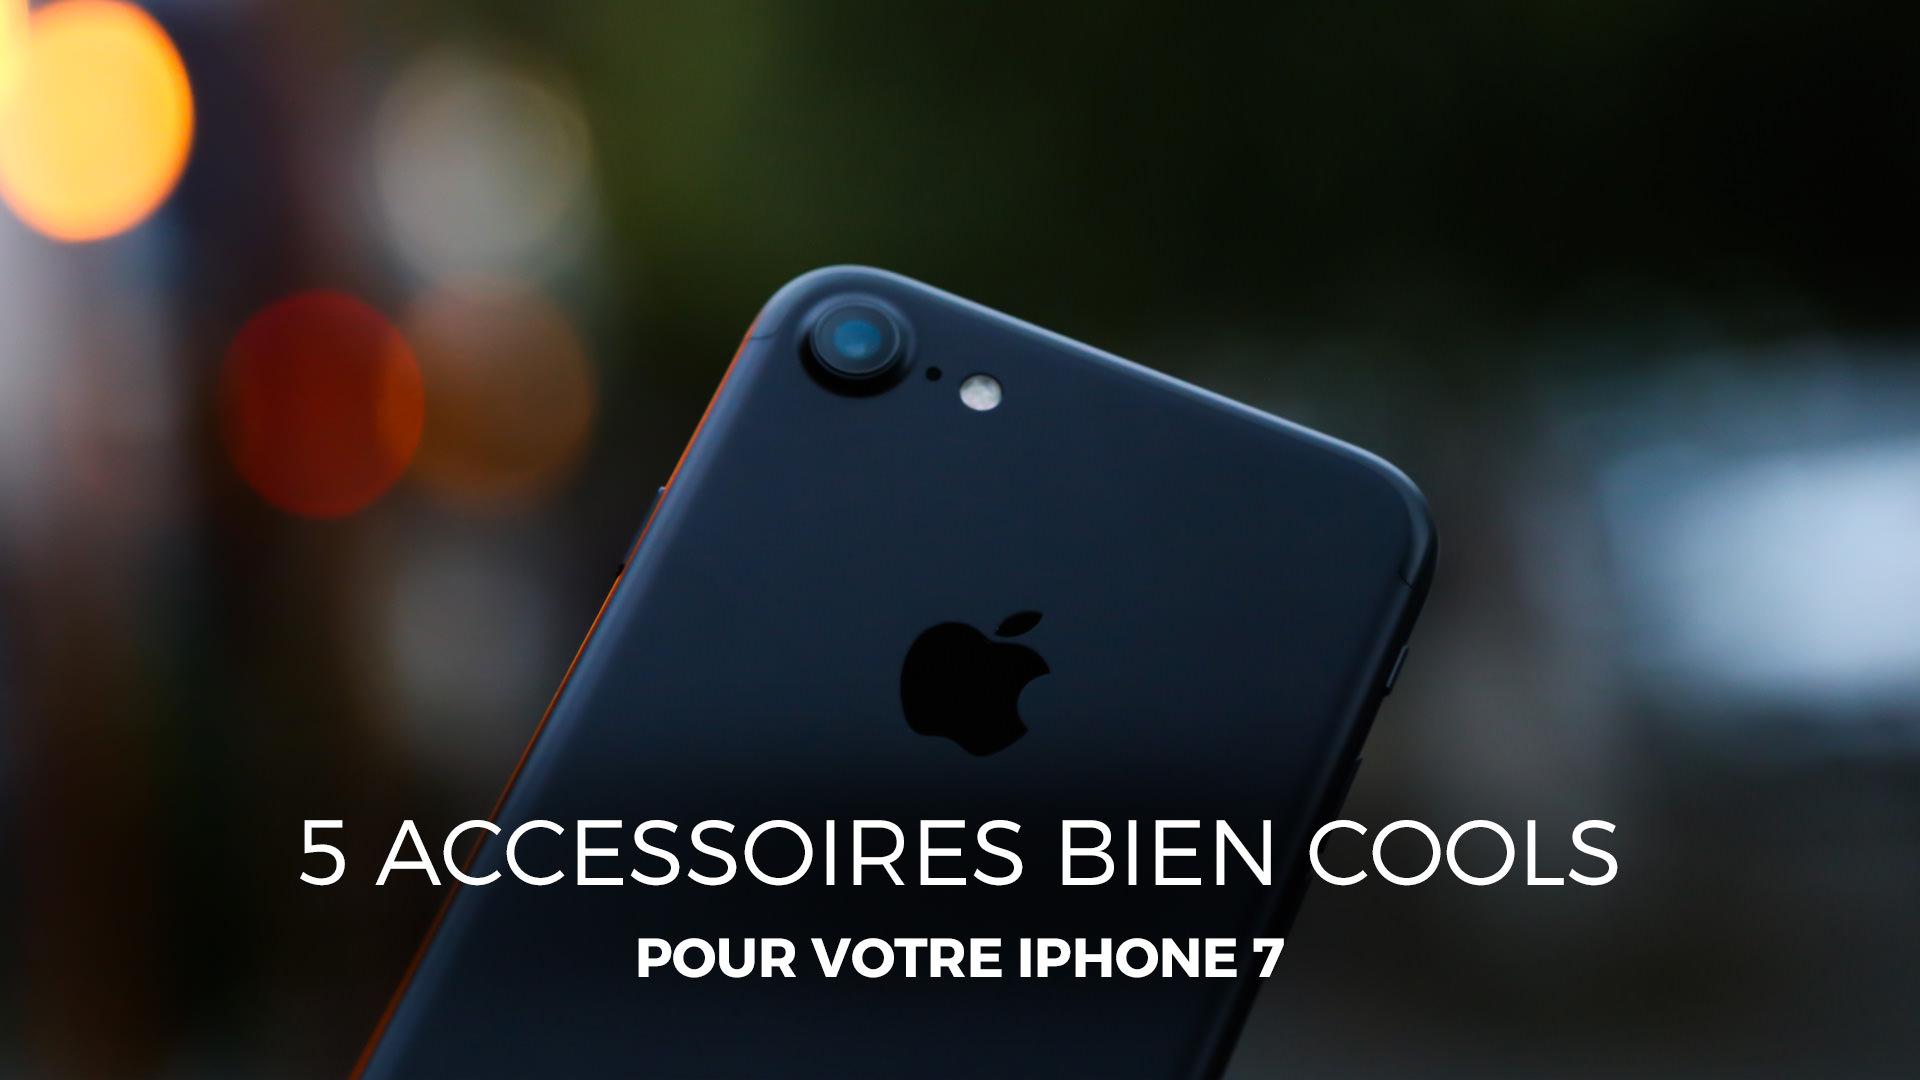 5 indispensables à l'iPhone 7